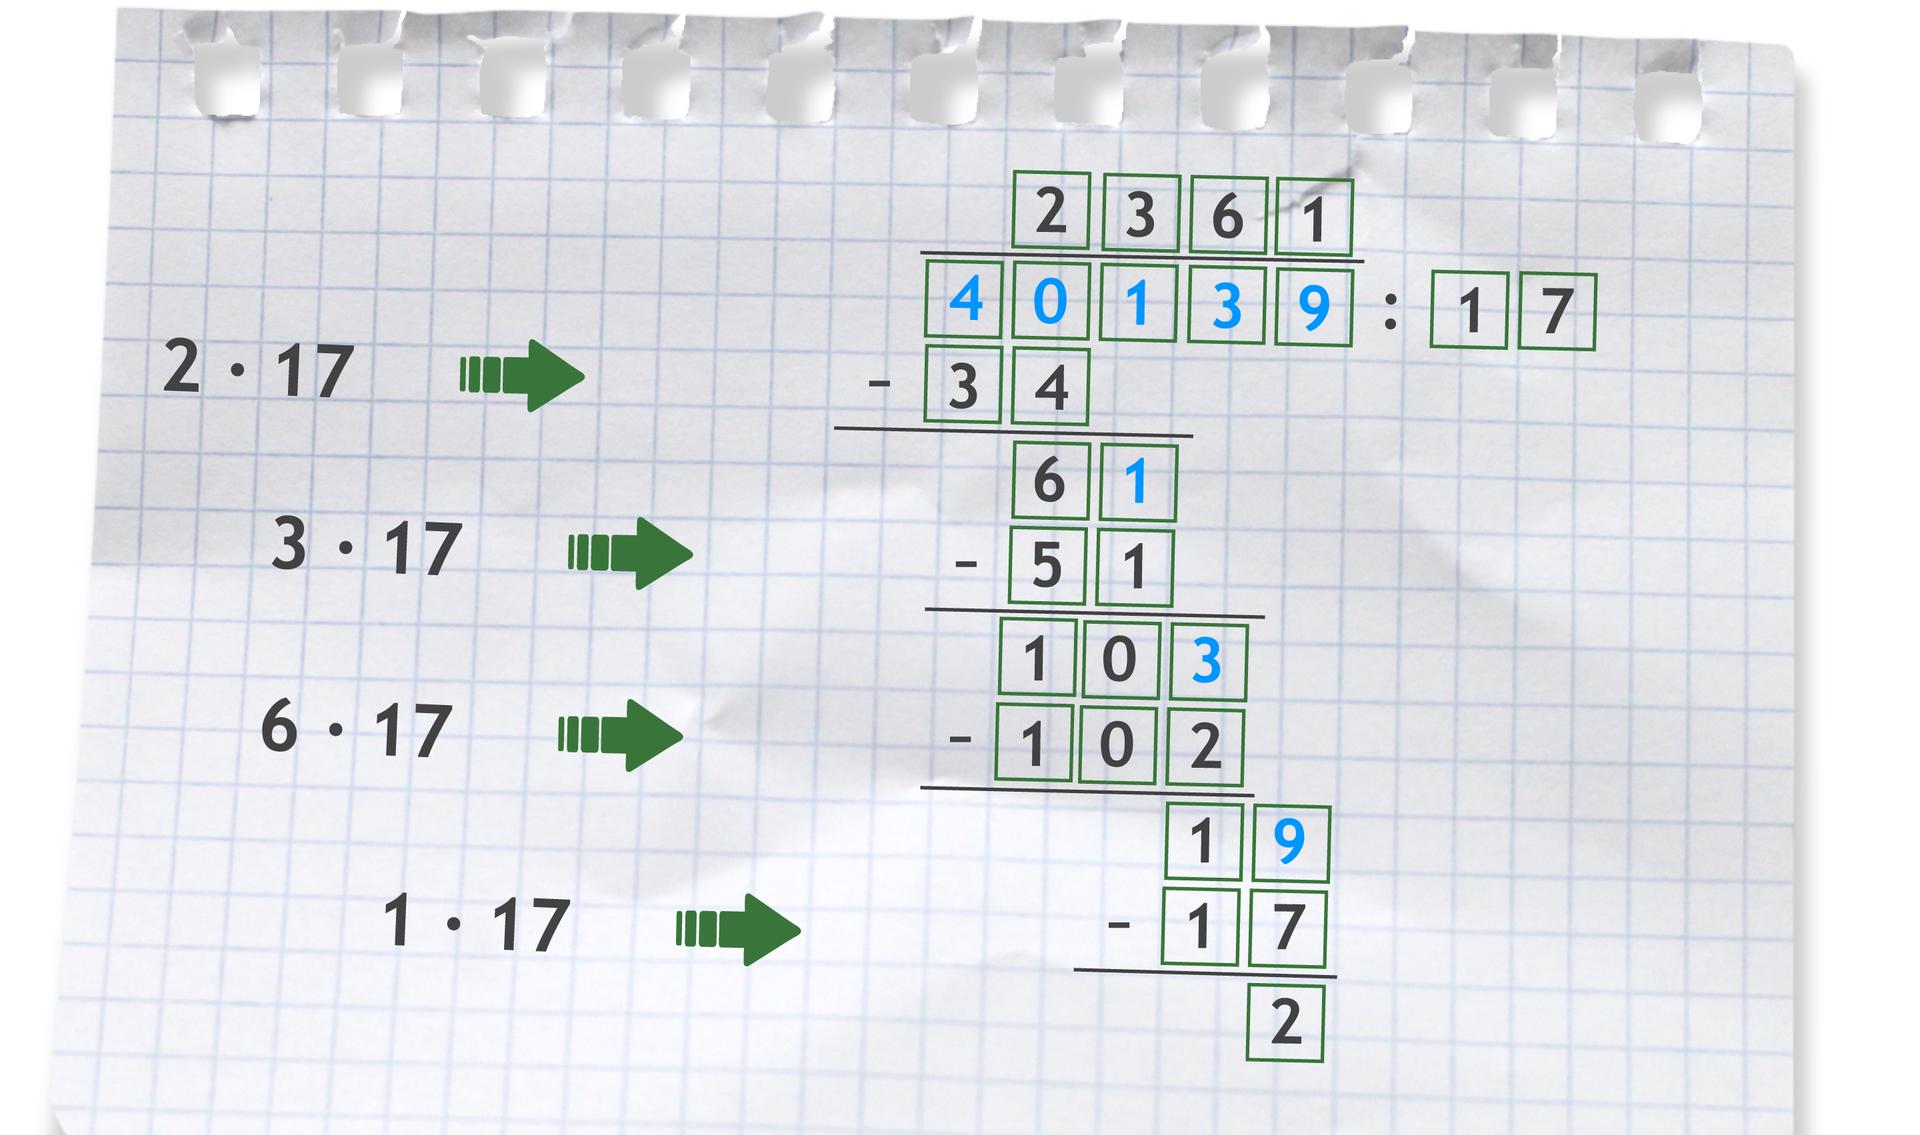 Przykład dzielenia sposobem pisemnym: 40139 dzielone przez 17 =2361 r2.